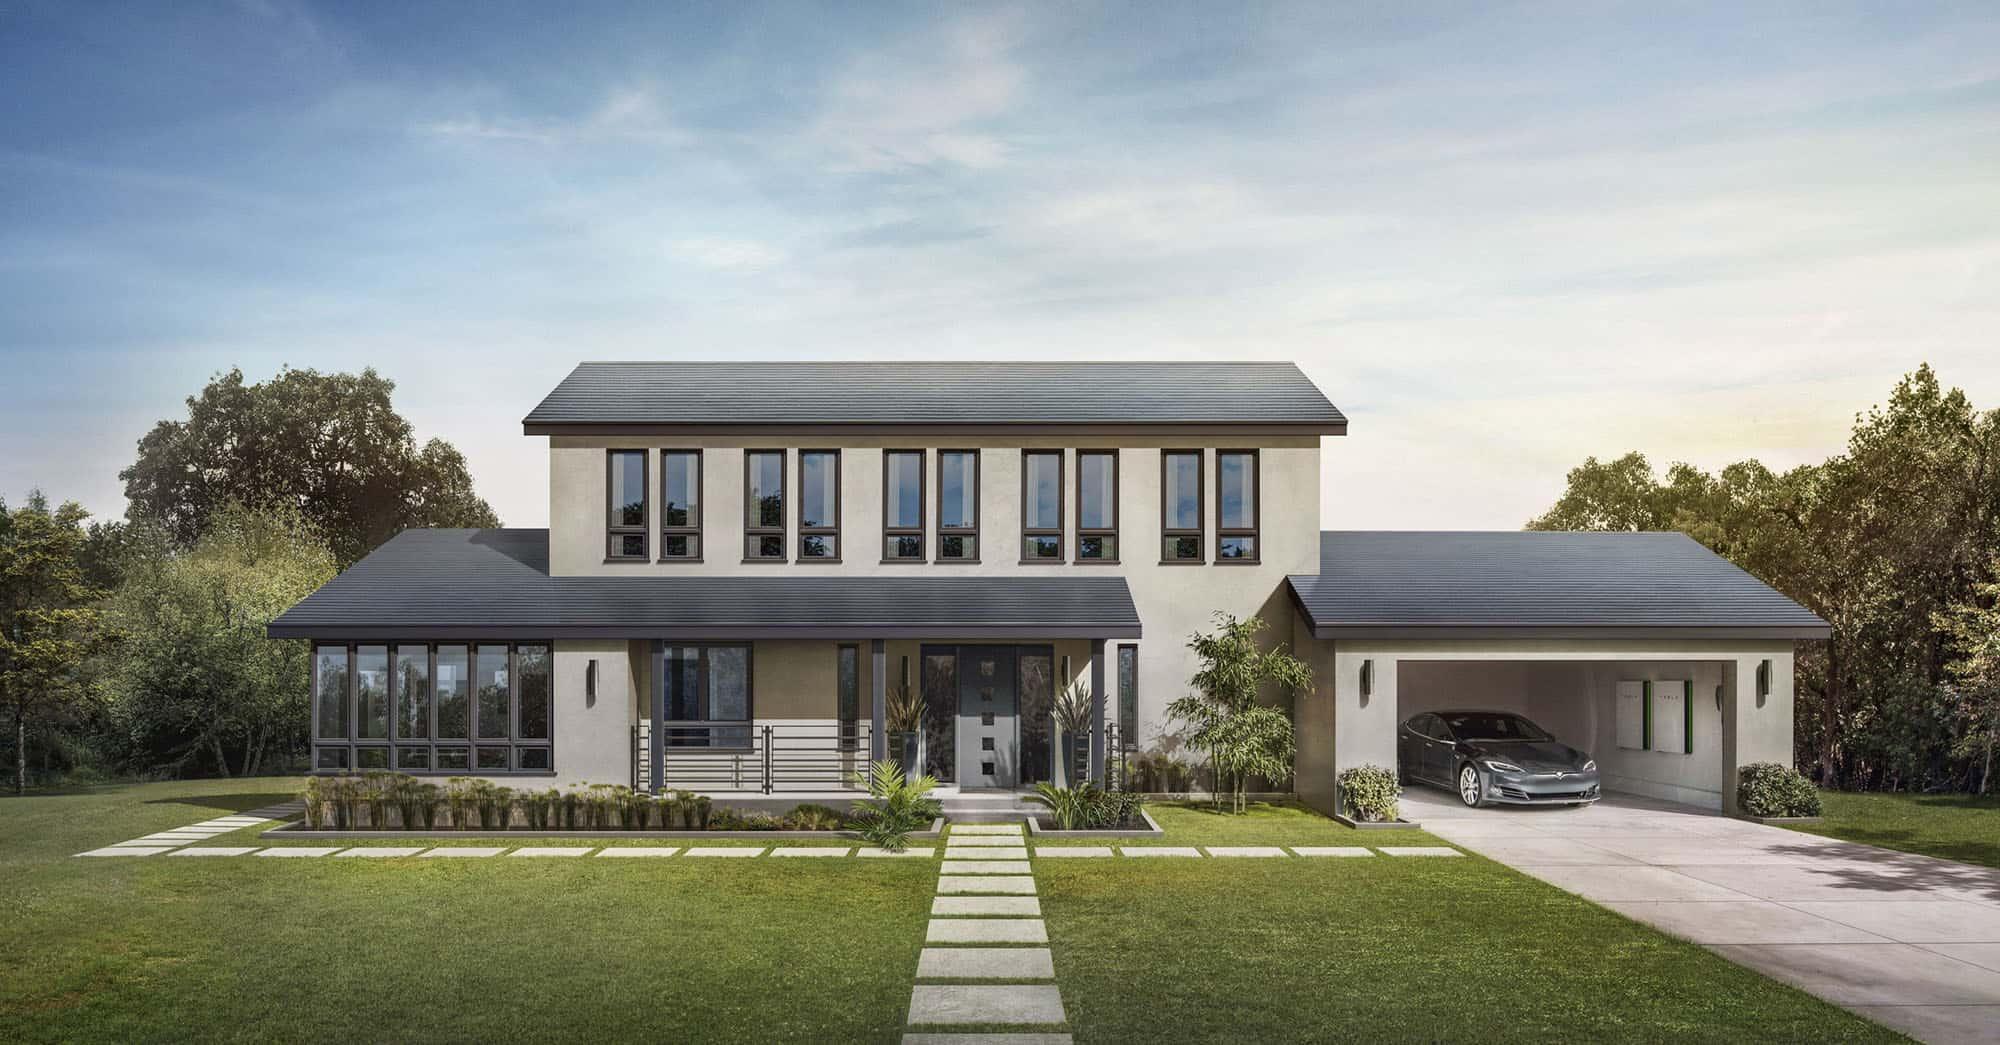 Solardachziegel von Tesla Solar und Elon Musk kommen!